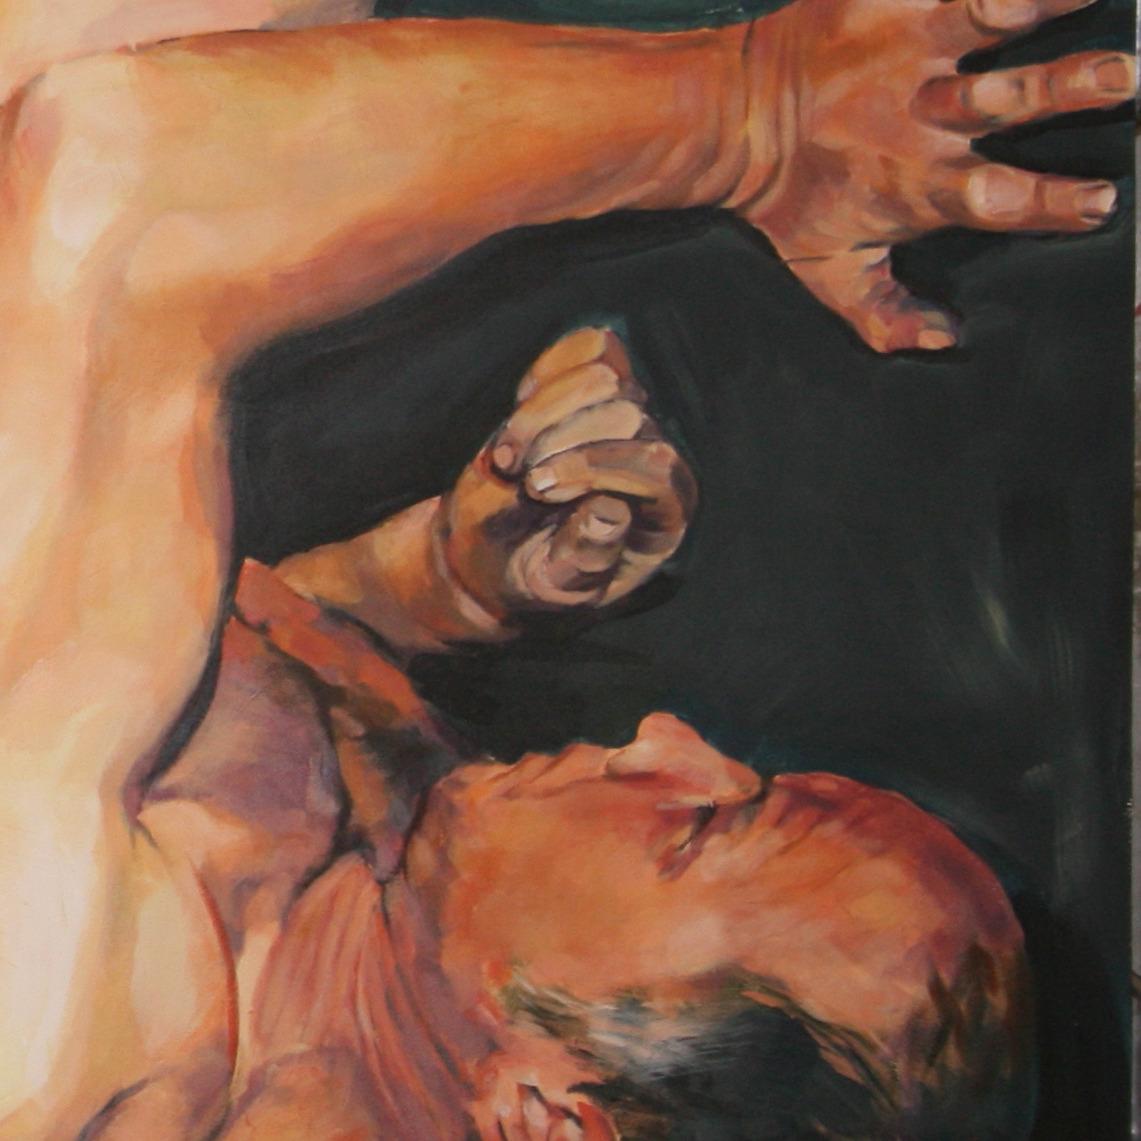 rob detail schildering Meg